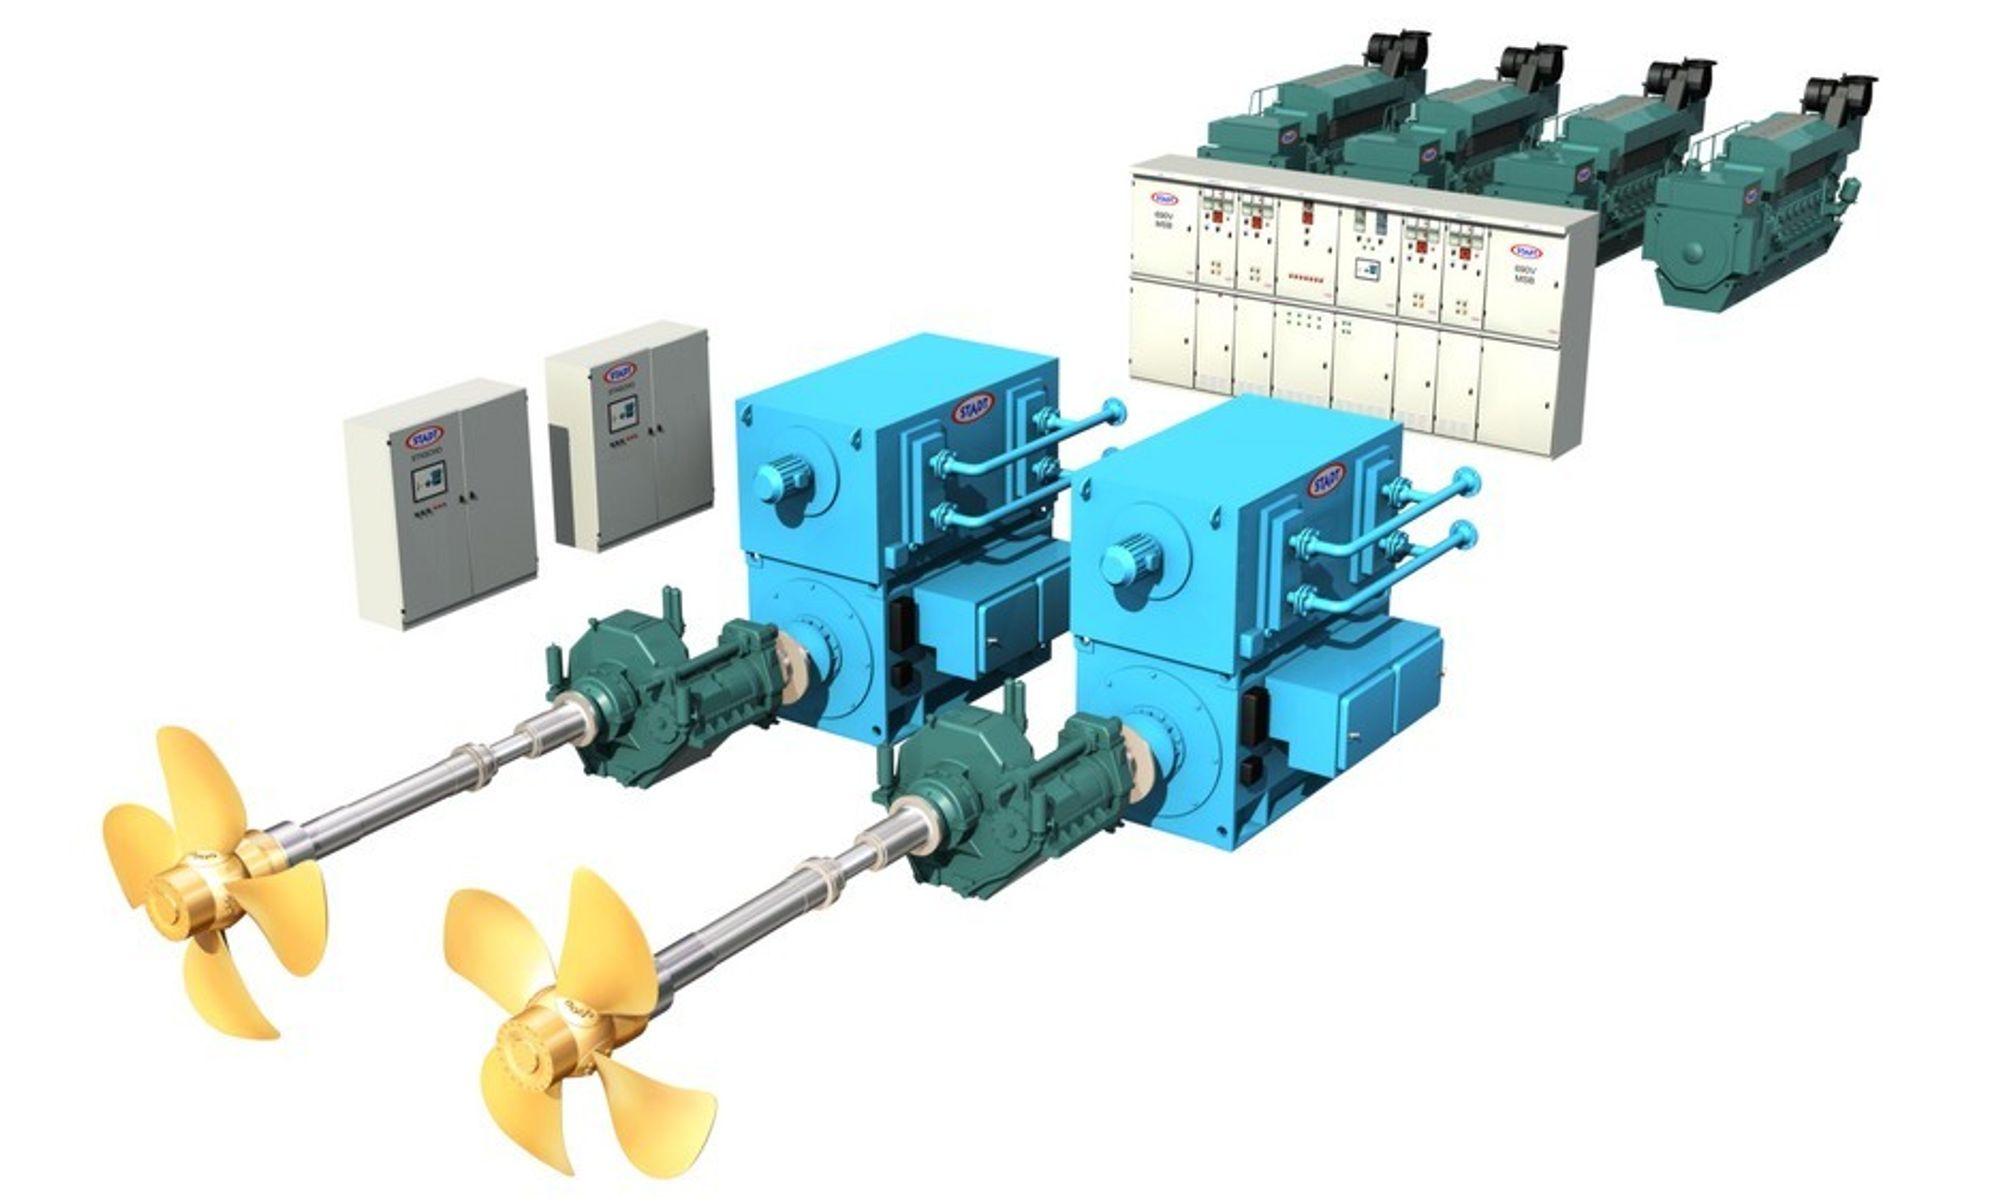 MILJØVENNLIG: Slik ser det LNG-elektriske framdriftssystemet ut.